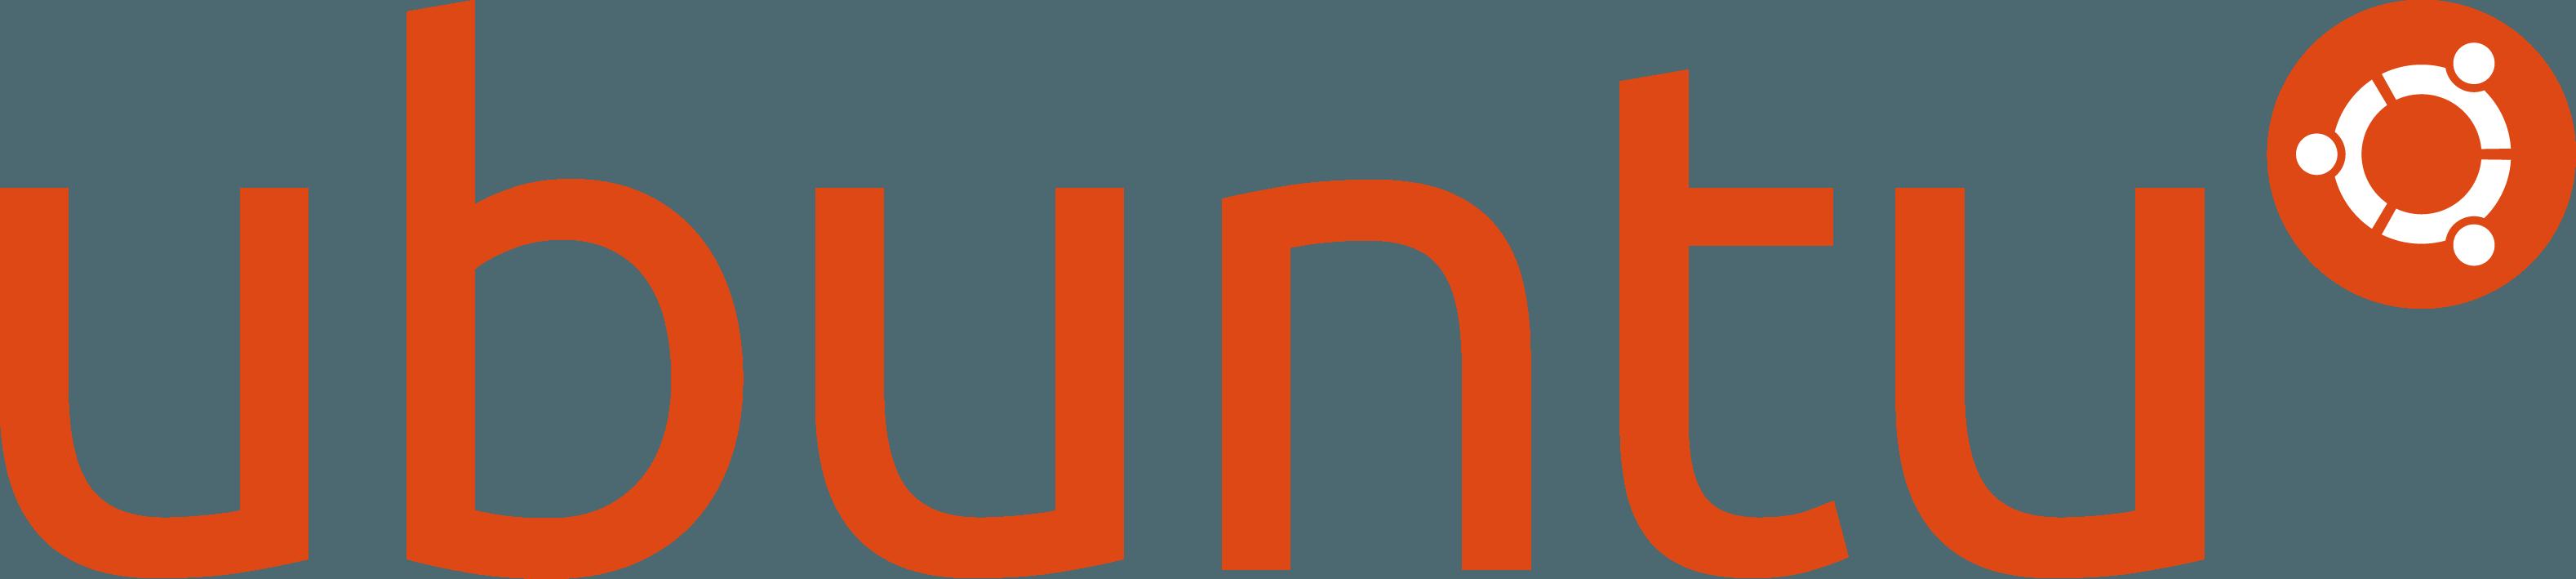 Linux Ubuntu Logo png